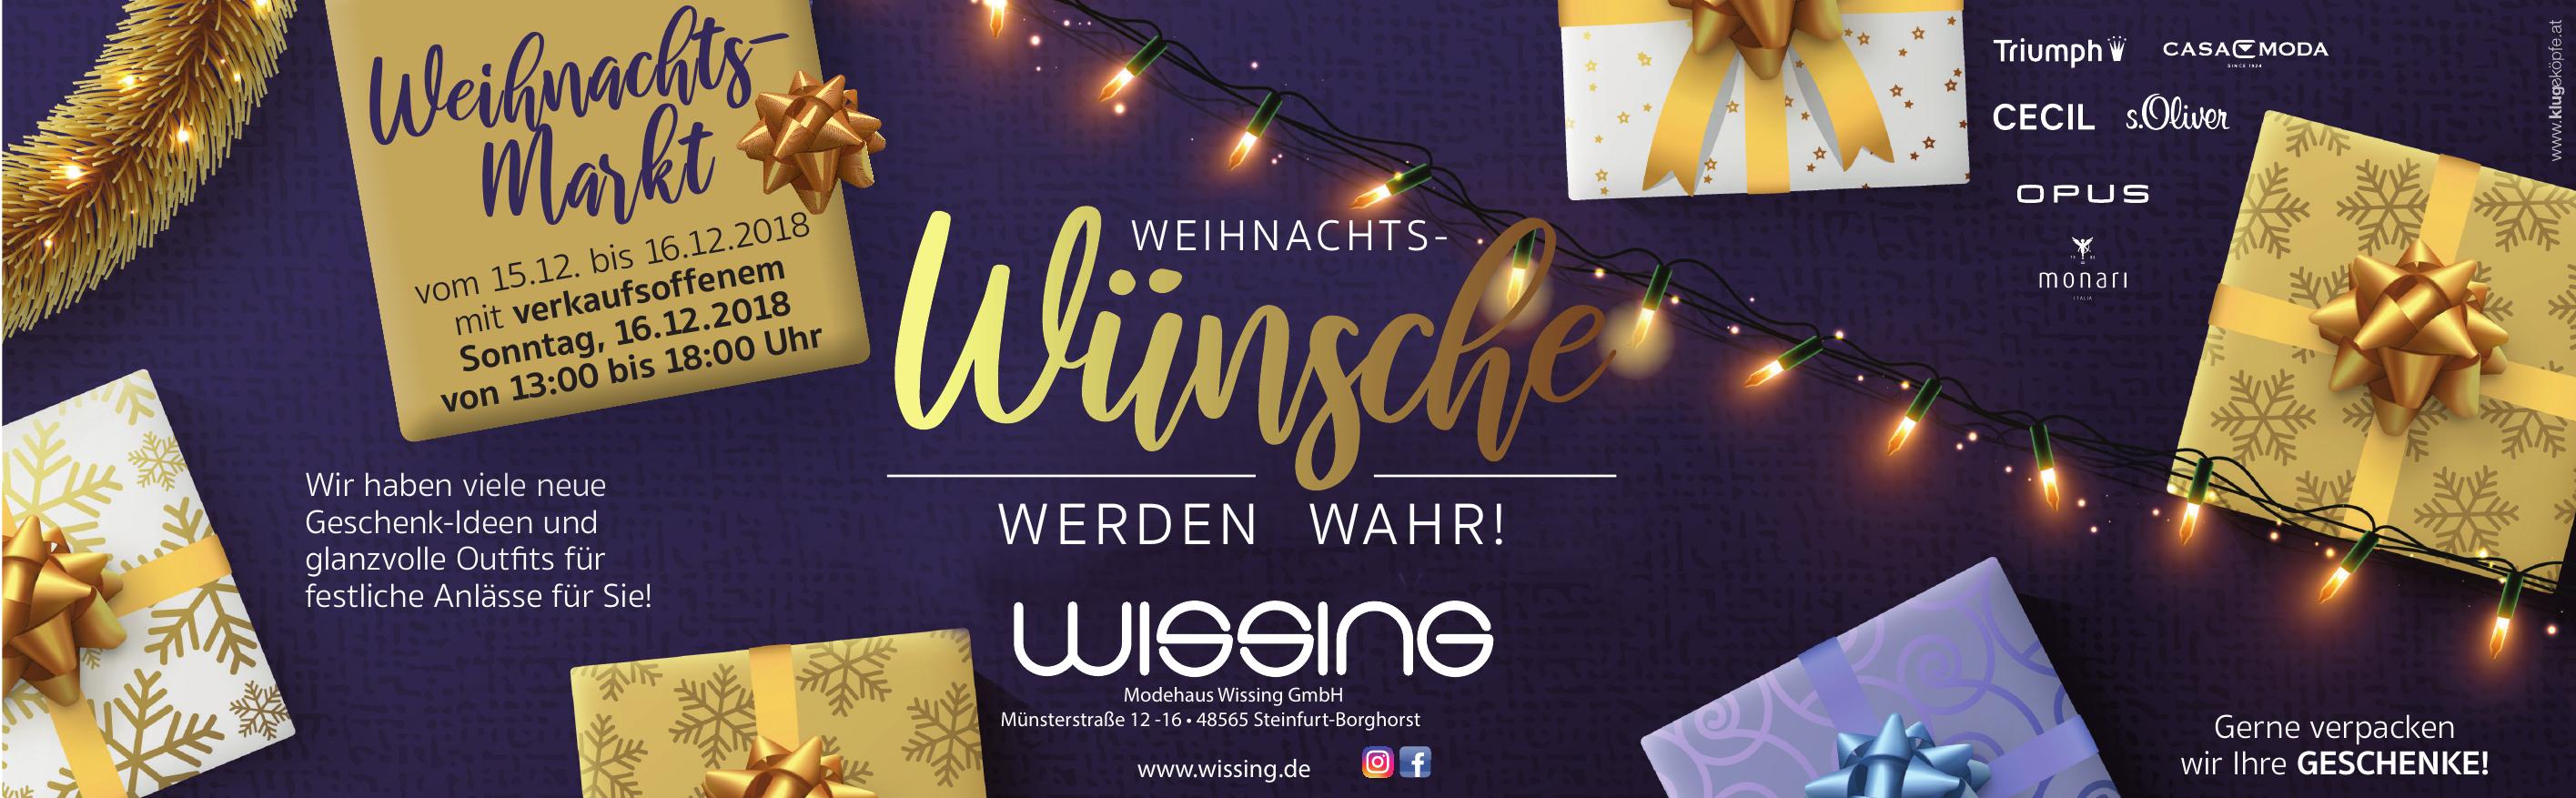 Modehaus Wissing GmbH